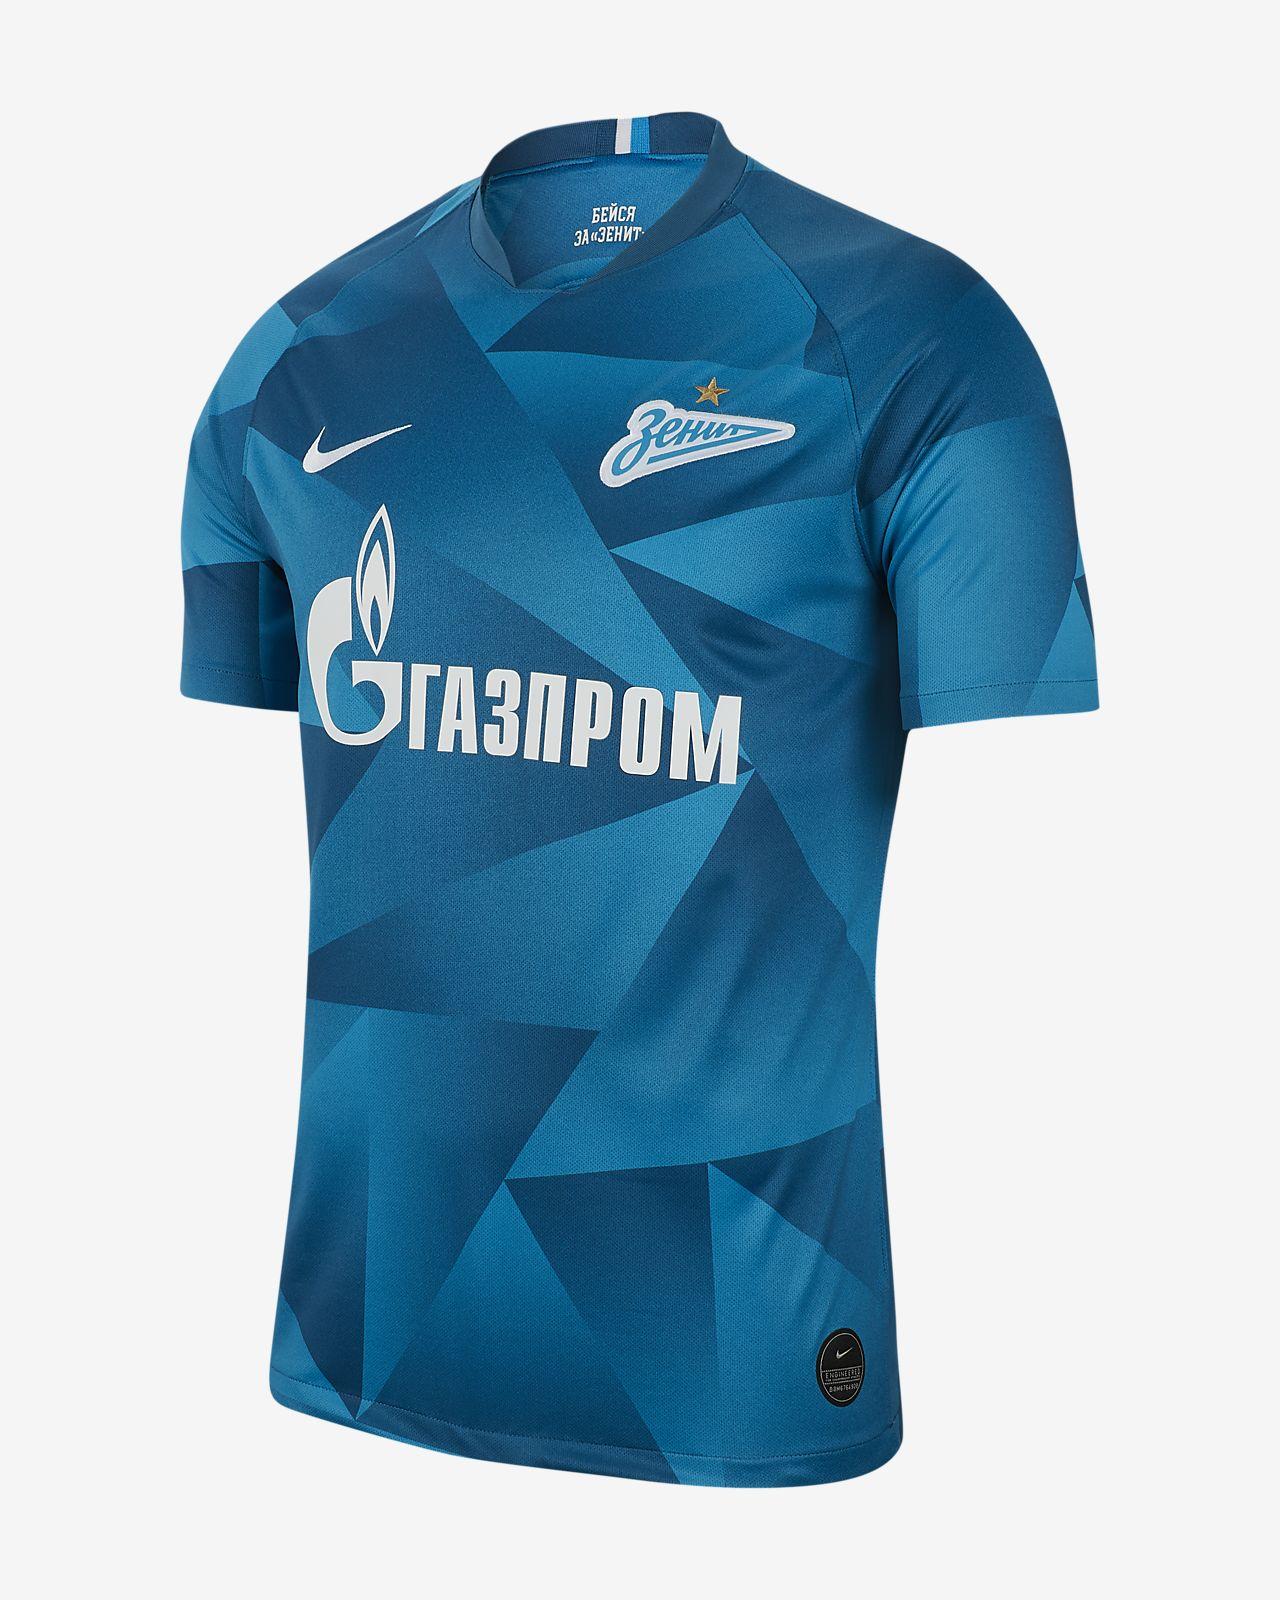 Zenit Saint Petersburg 2019/20 Stadium Home Men's Football Shirt